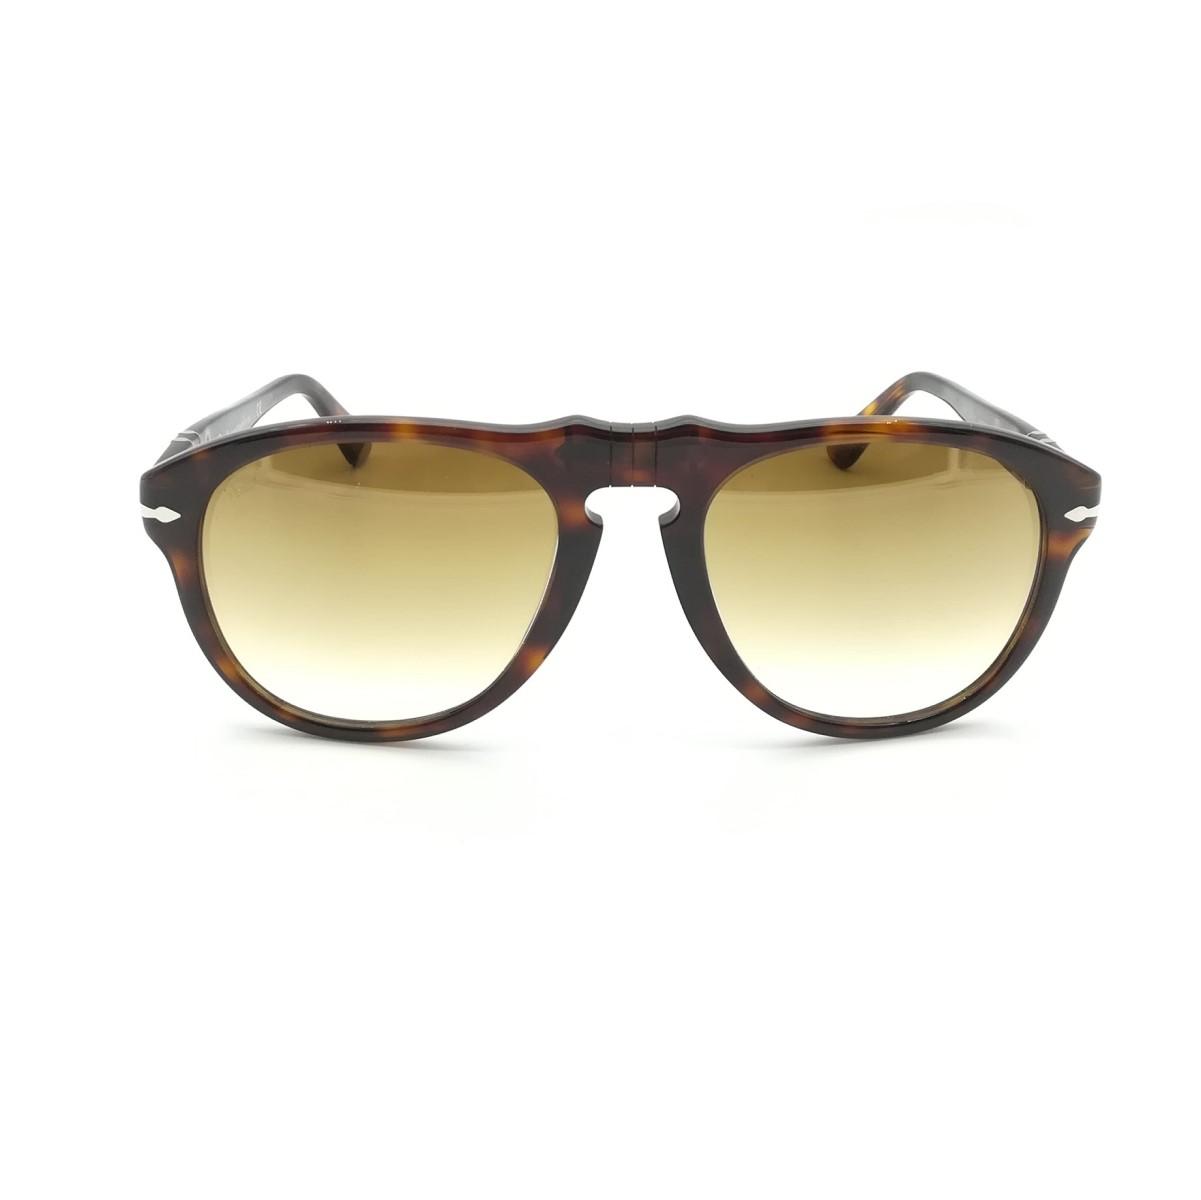 super popolare 4d766 2d0a7 PERSOL occhiale da sole uomo PE 649 col.24/51